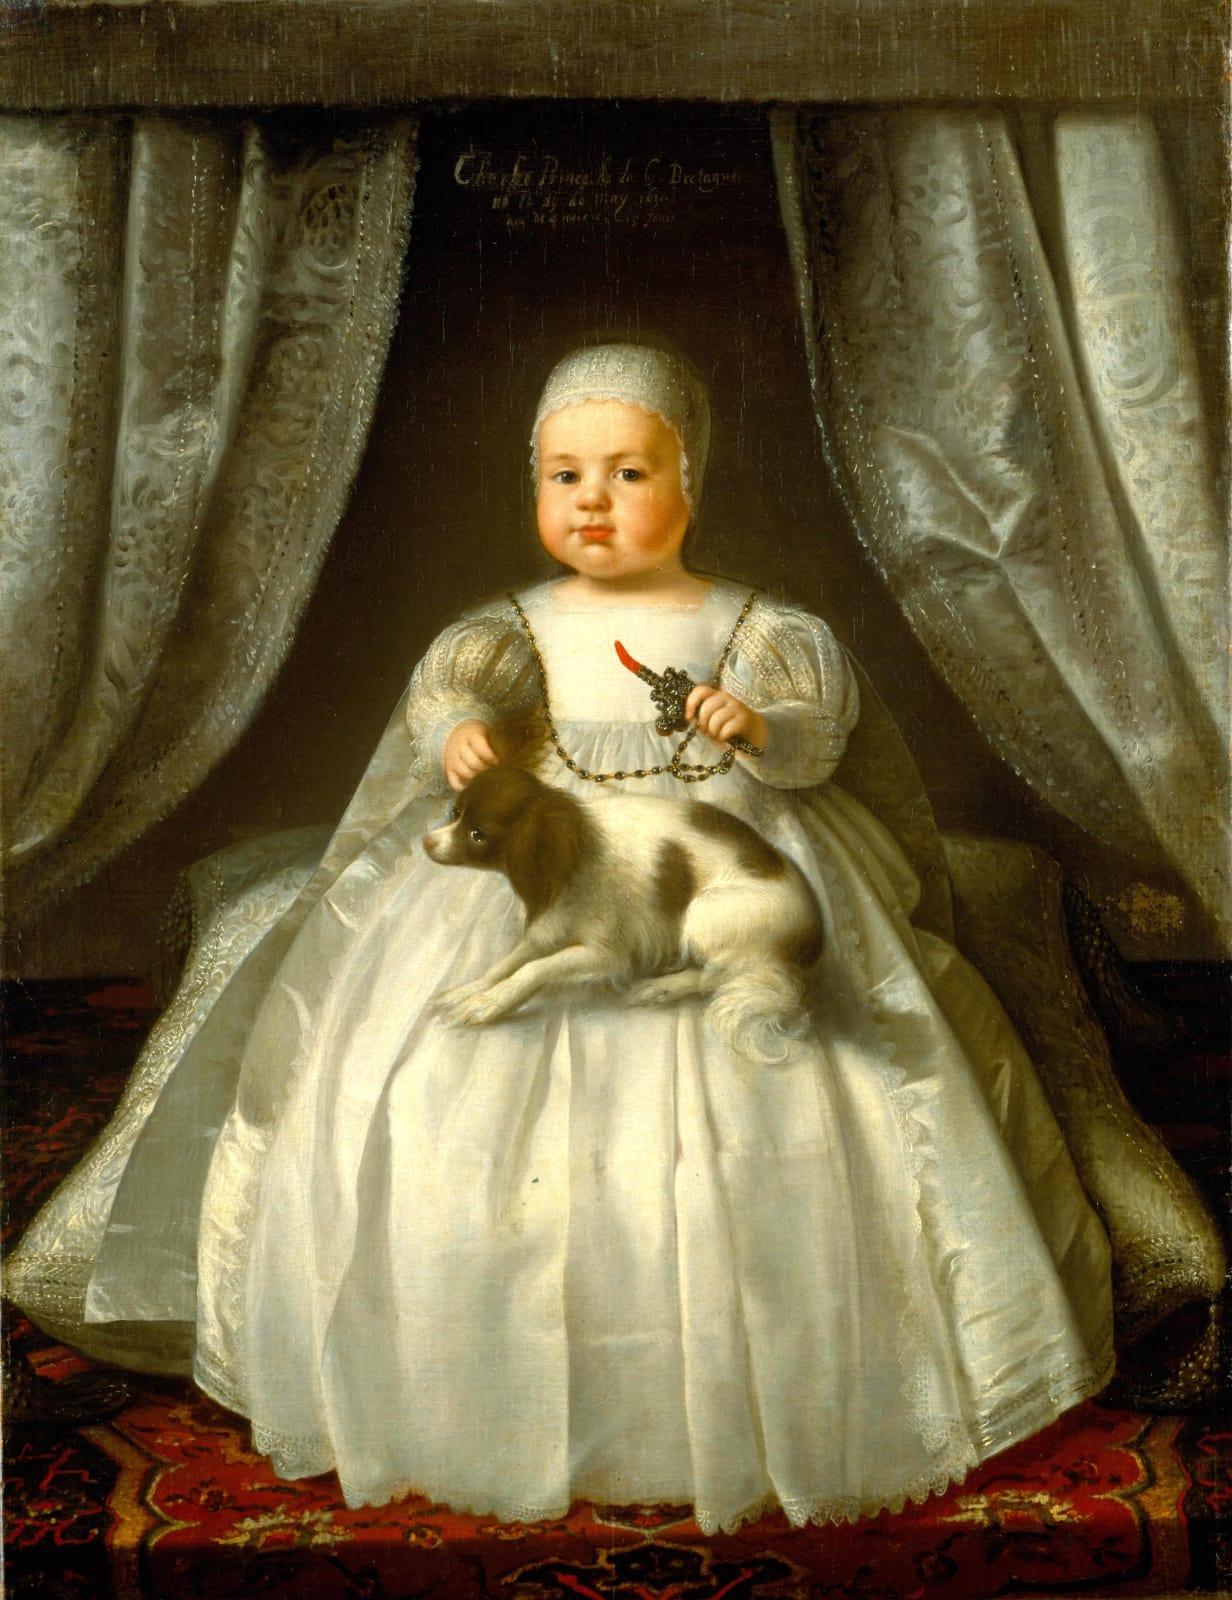 Charles II, as Prince of Wales (1630 - 1685)